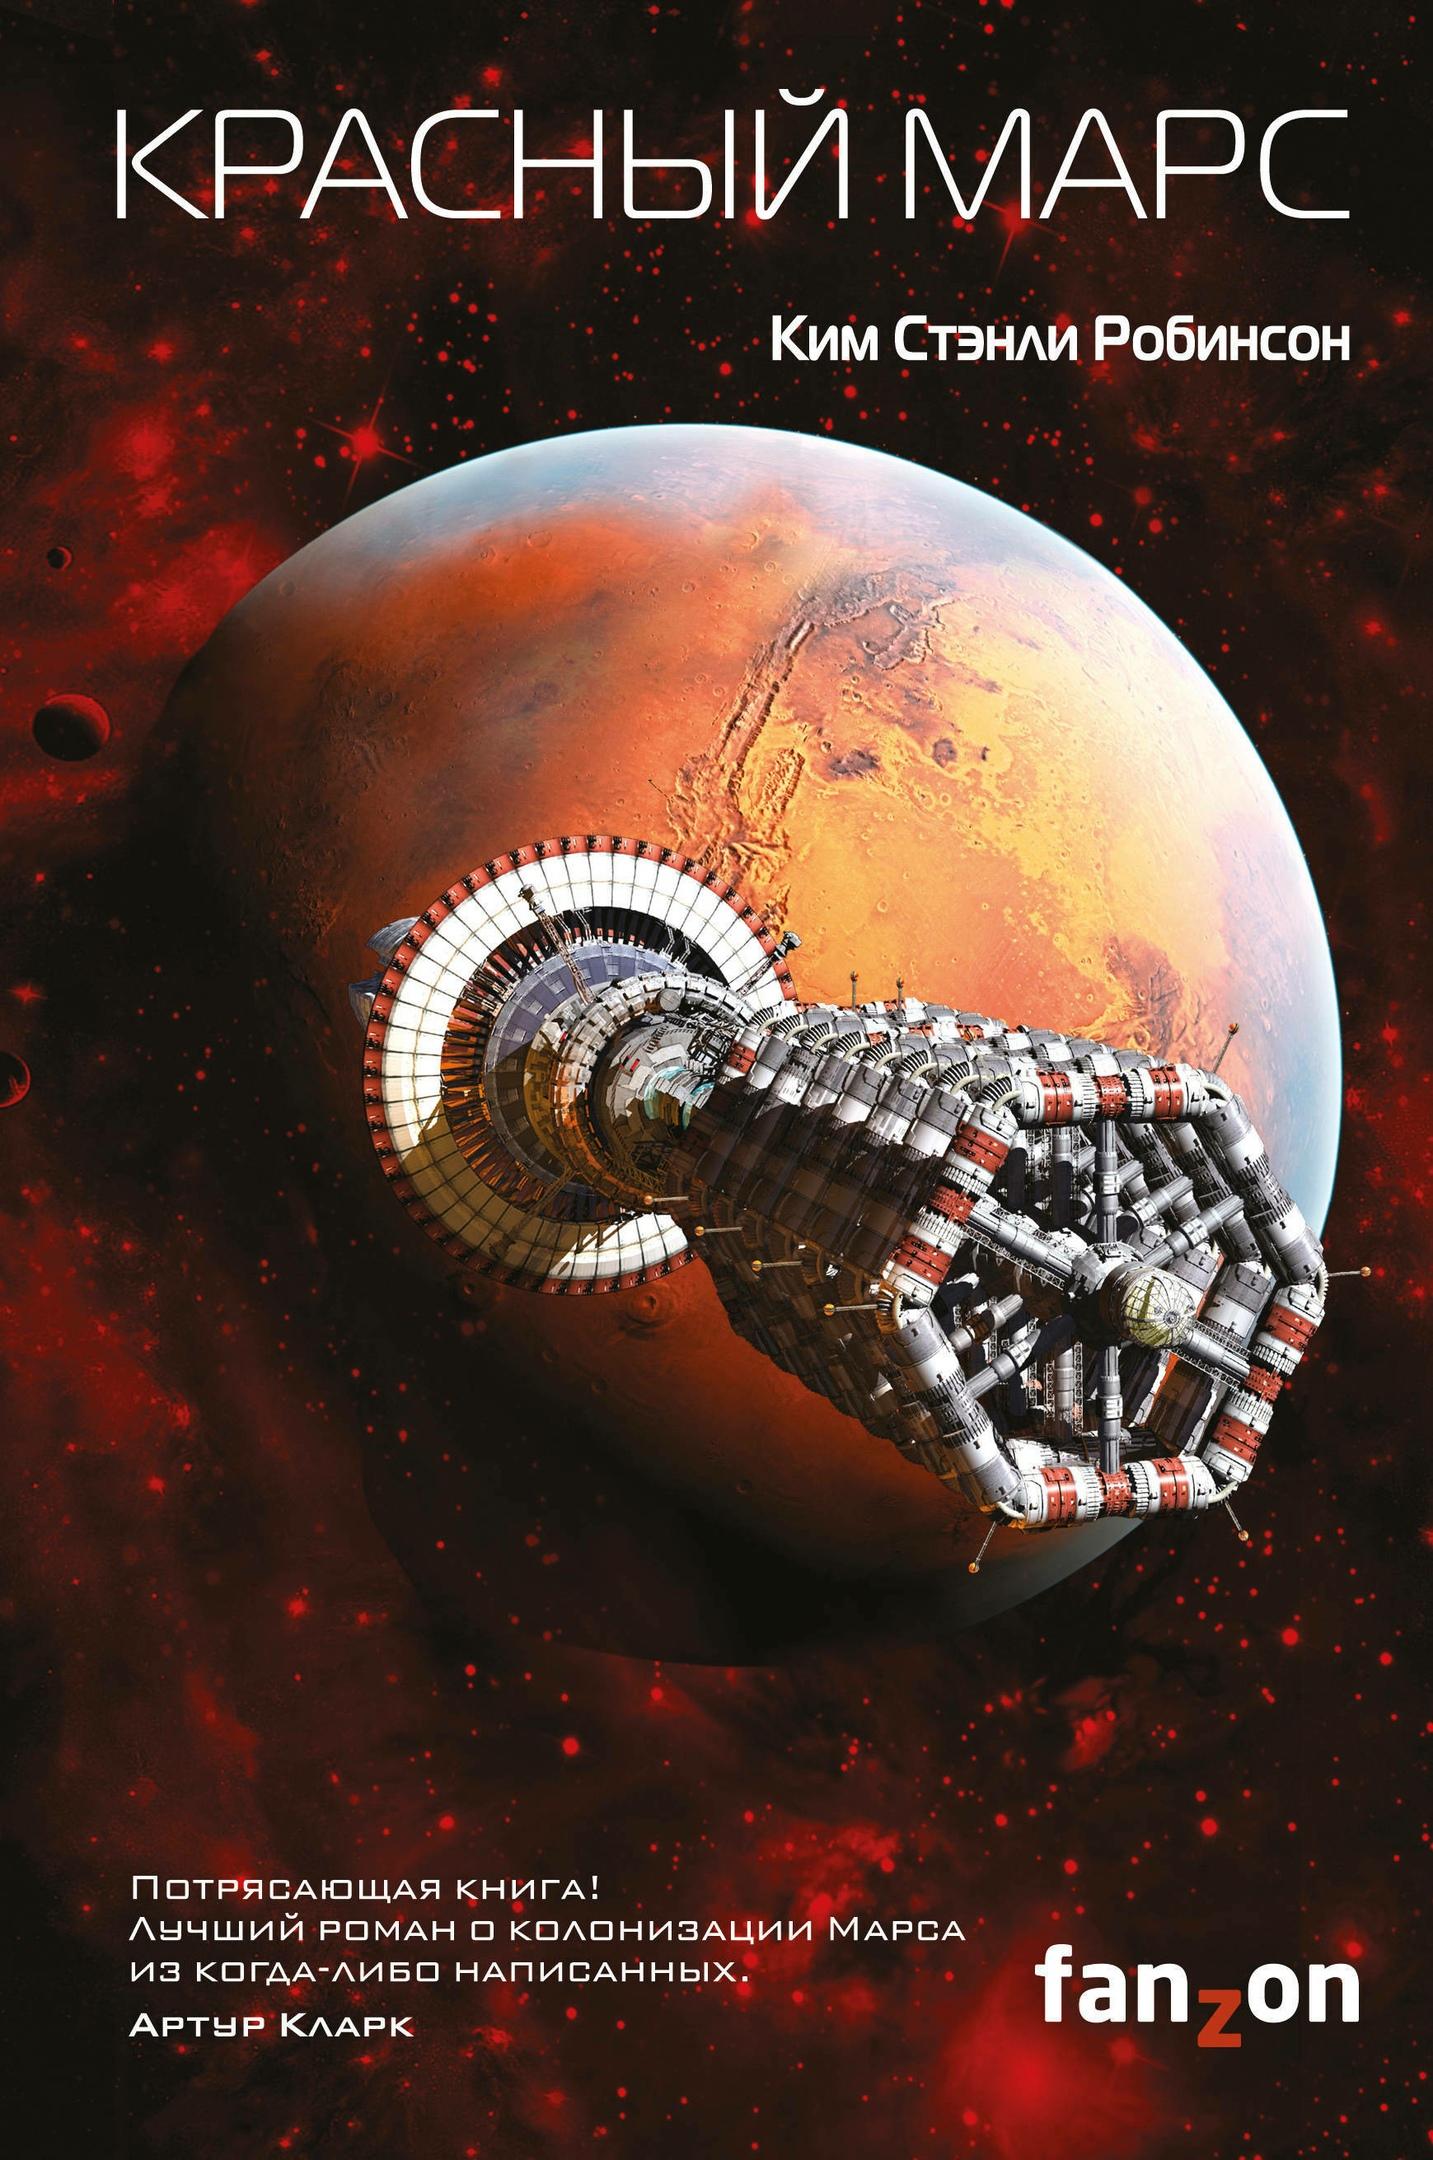 За первым романом последовали «Голубой Марс» и «Зеленый Марс», которые повествуют о дальнейшем ходе колонизации Красной планеты